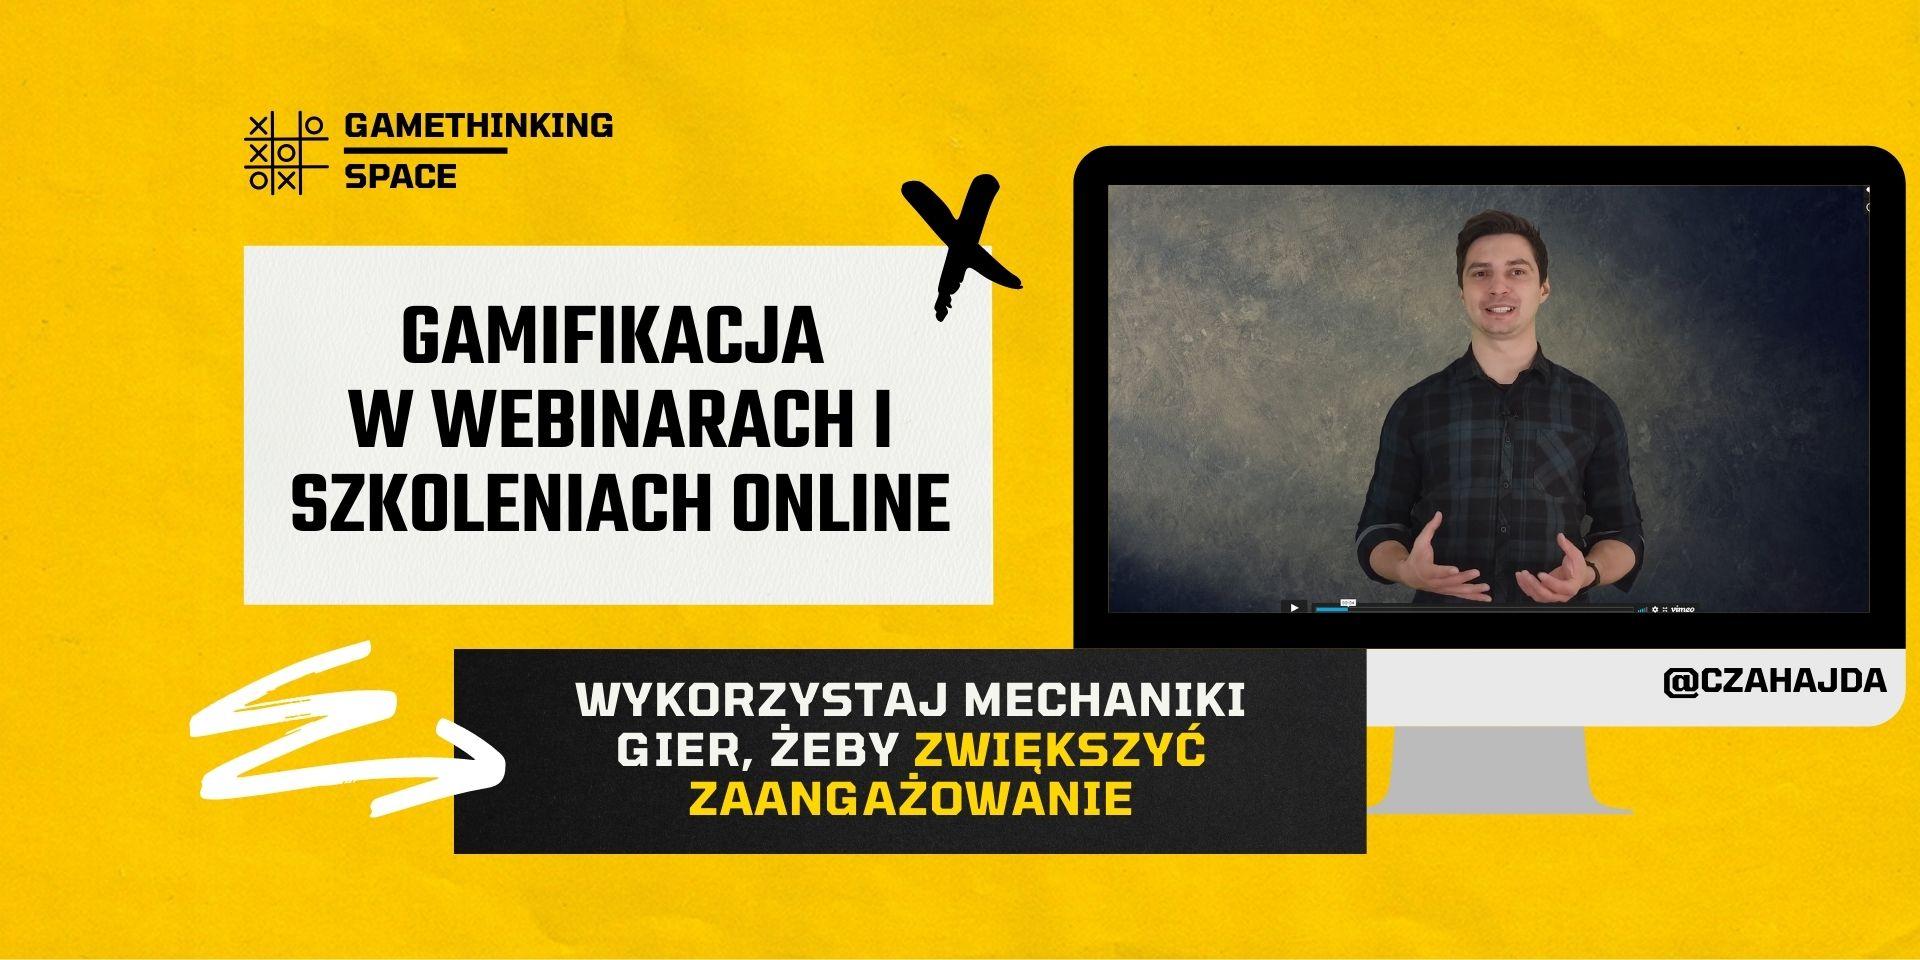 Gamifikacja w webinarach i szkoleniach online